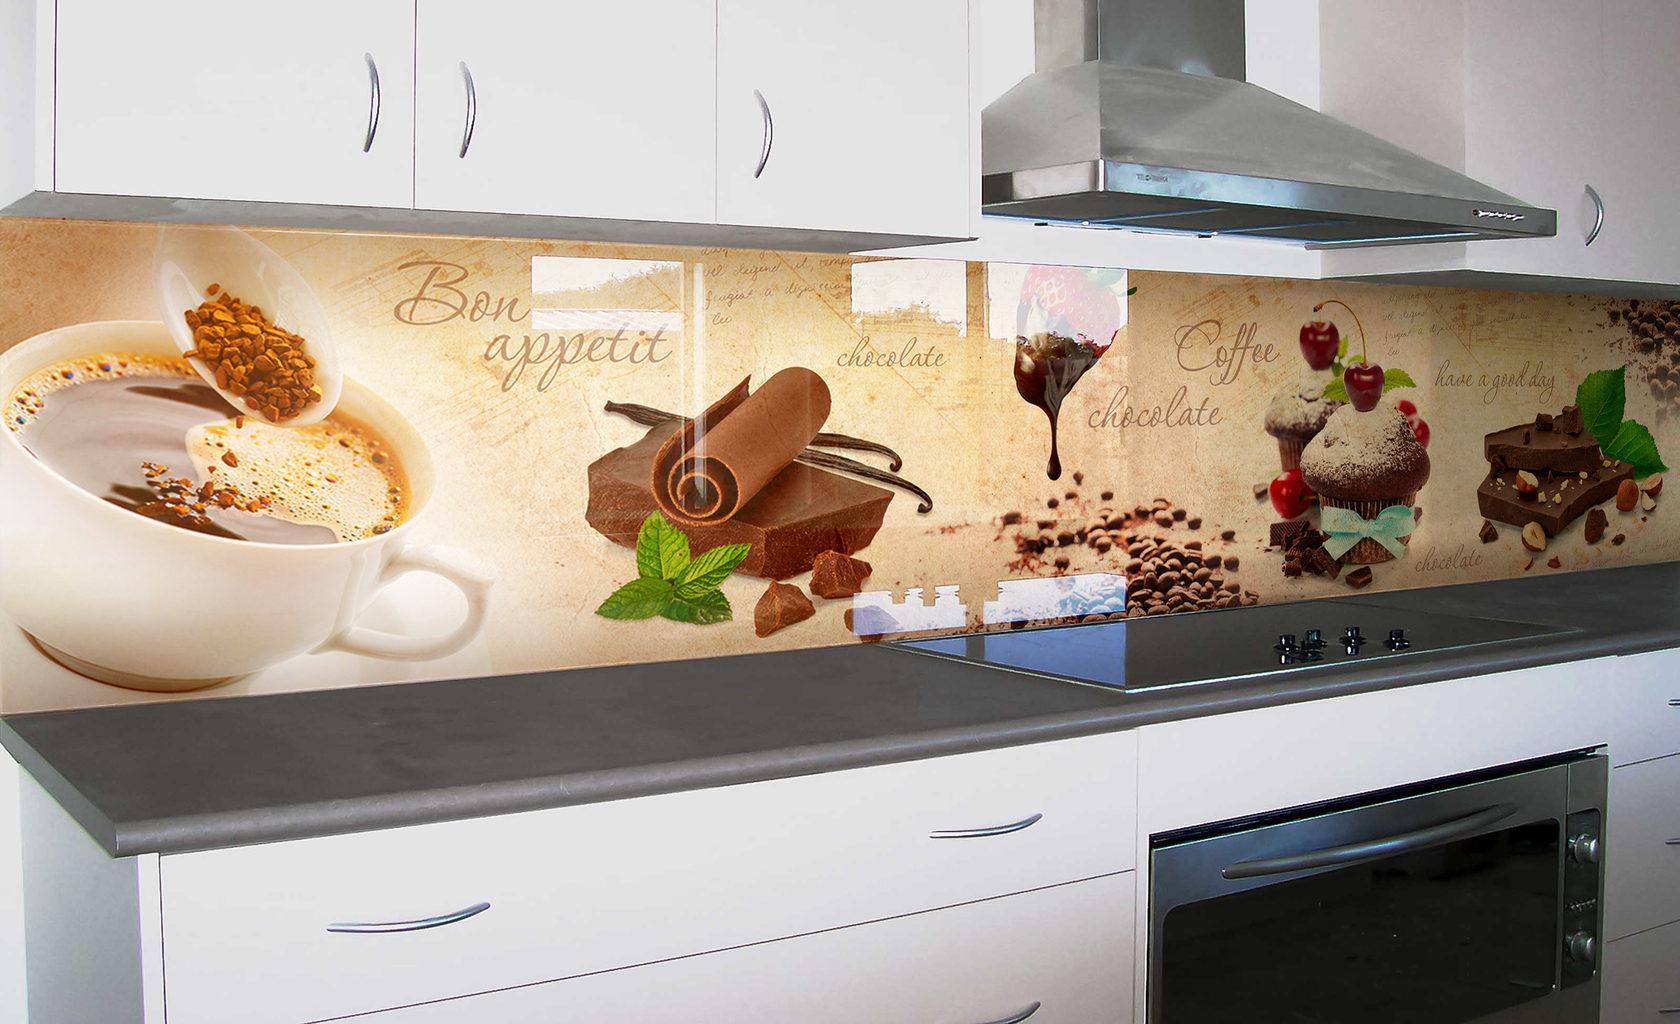 файлы образцы фотопечати на стекле для кухни сухих